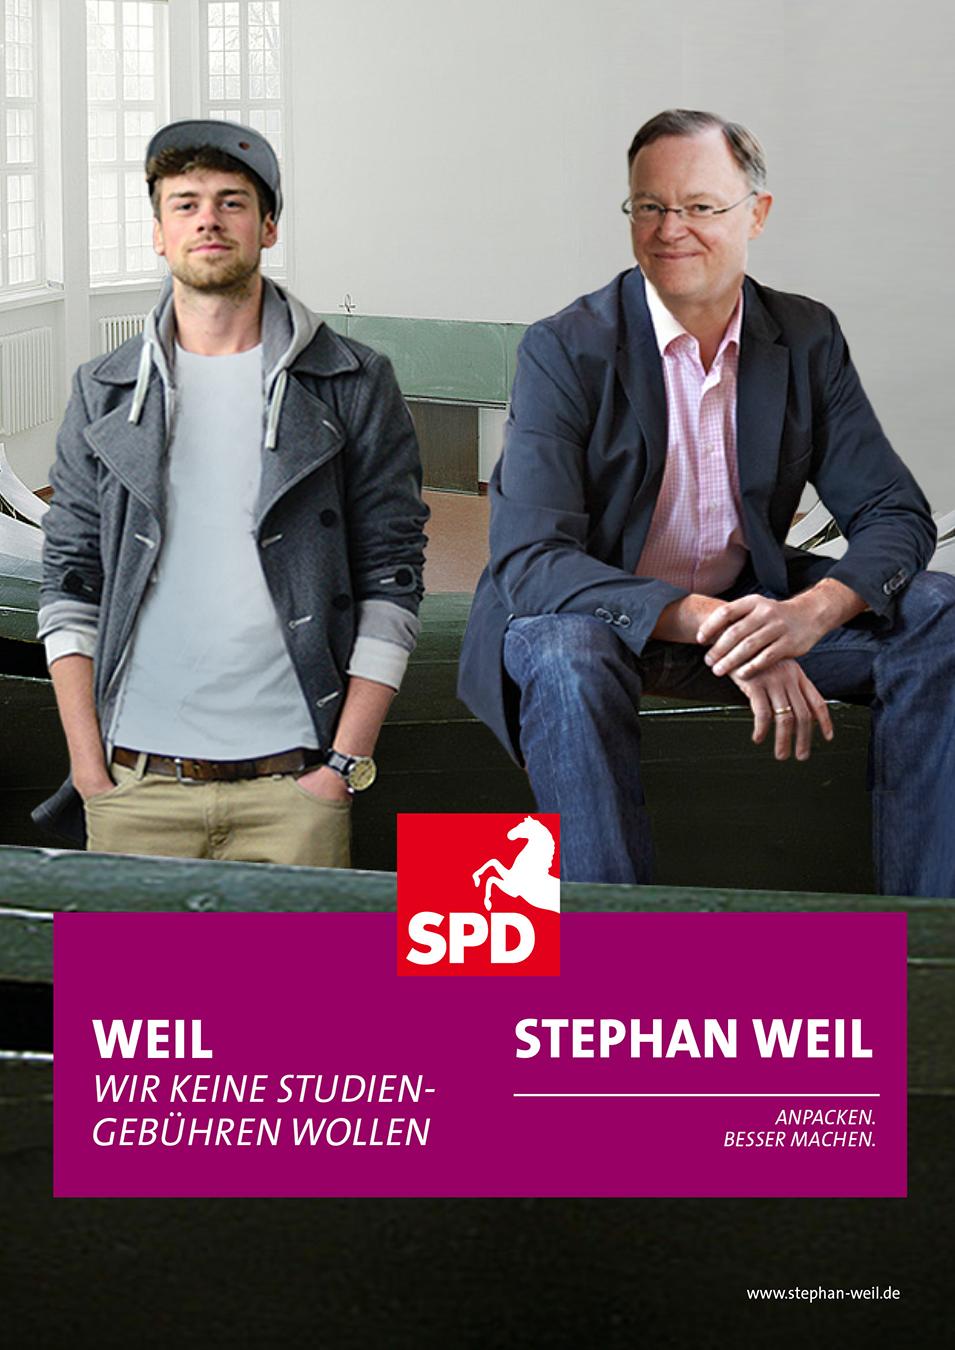 SPD LV Niedersachsen_Foto